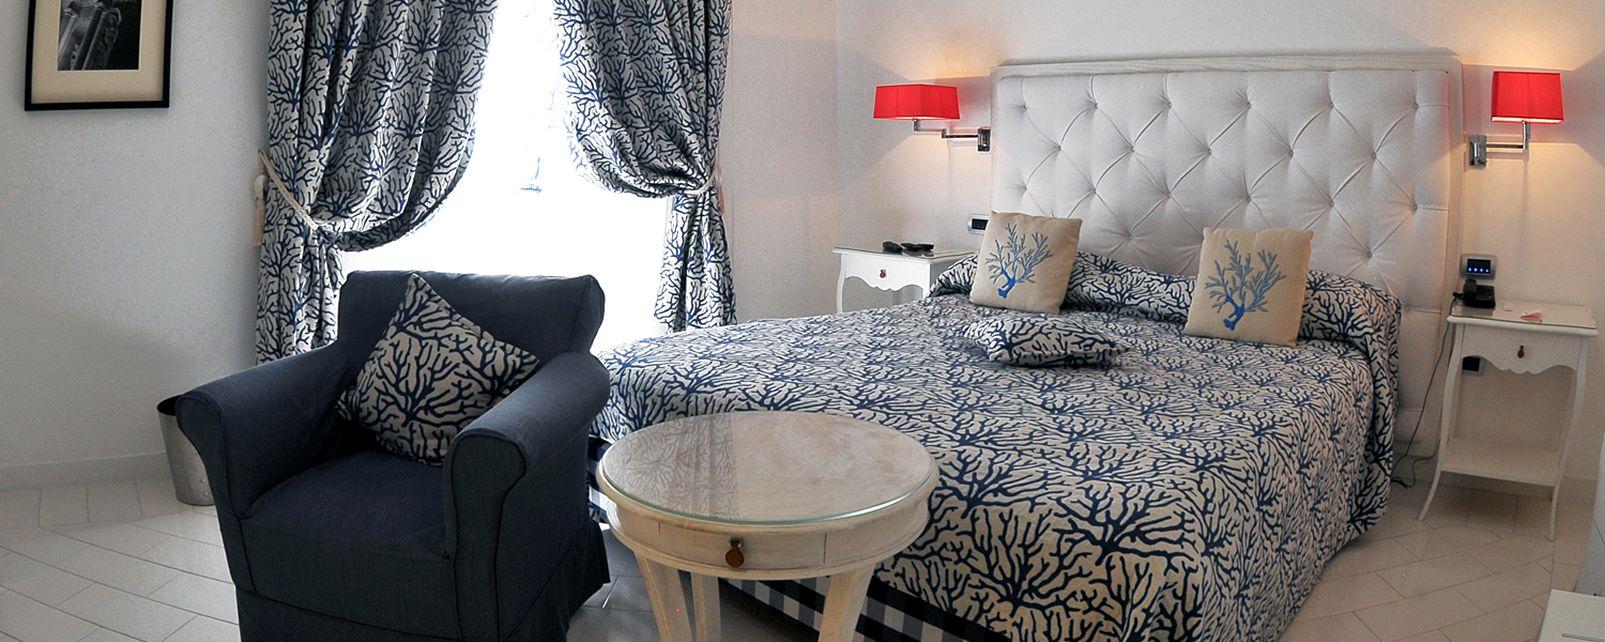 Hotel La Ciliegina lifestyle